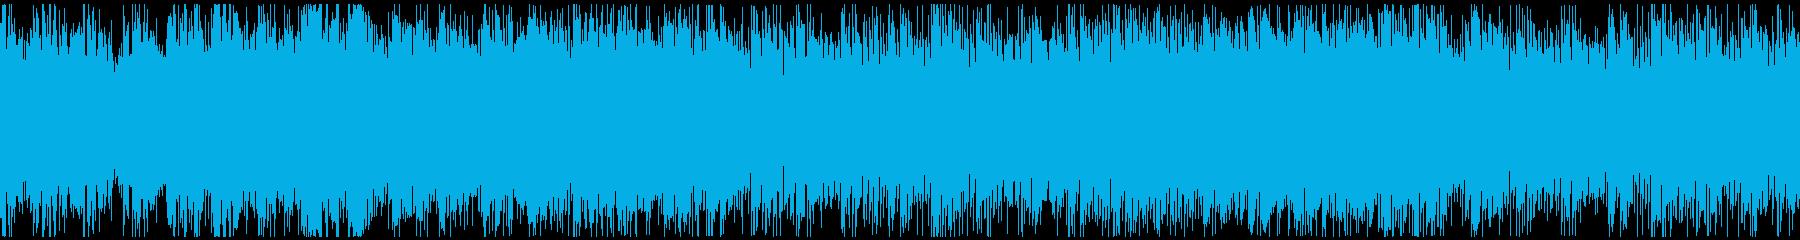 クール・さわやかなイメージのピアノハウスの再生済みの波形